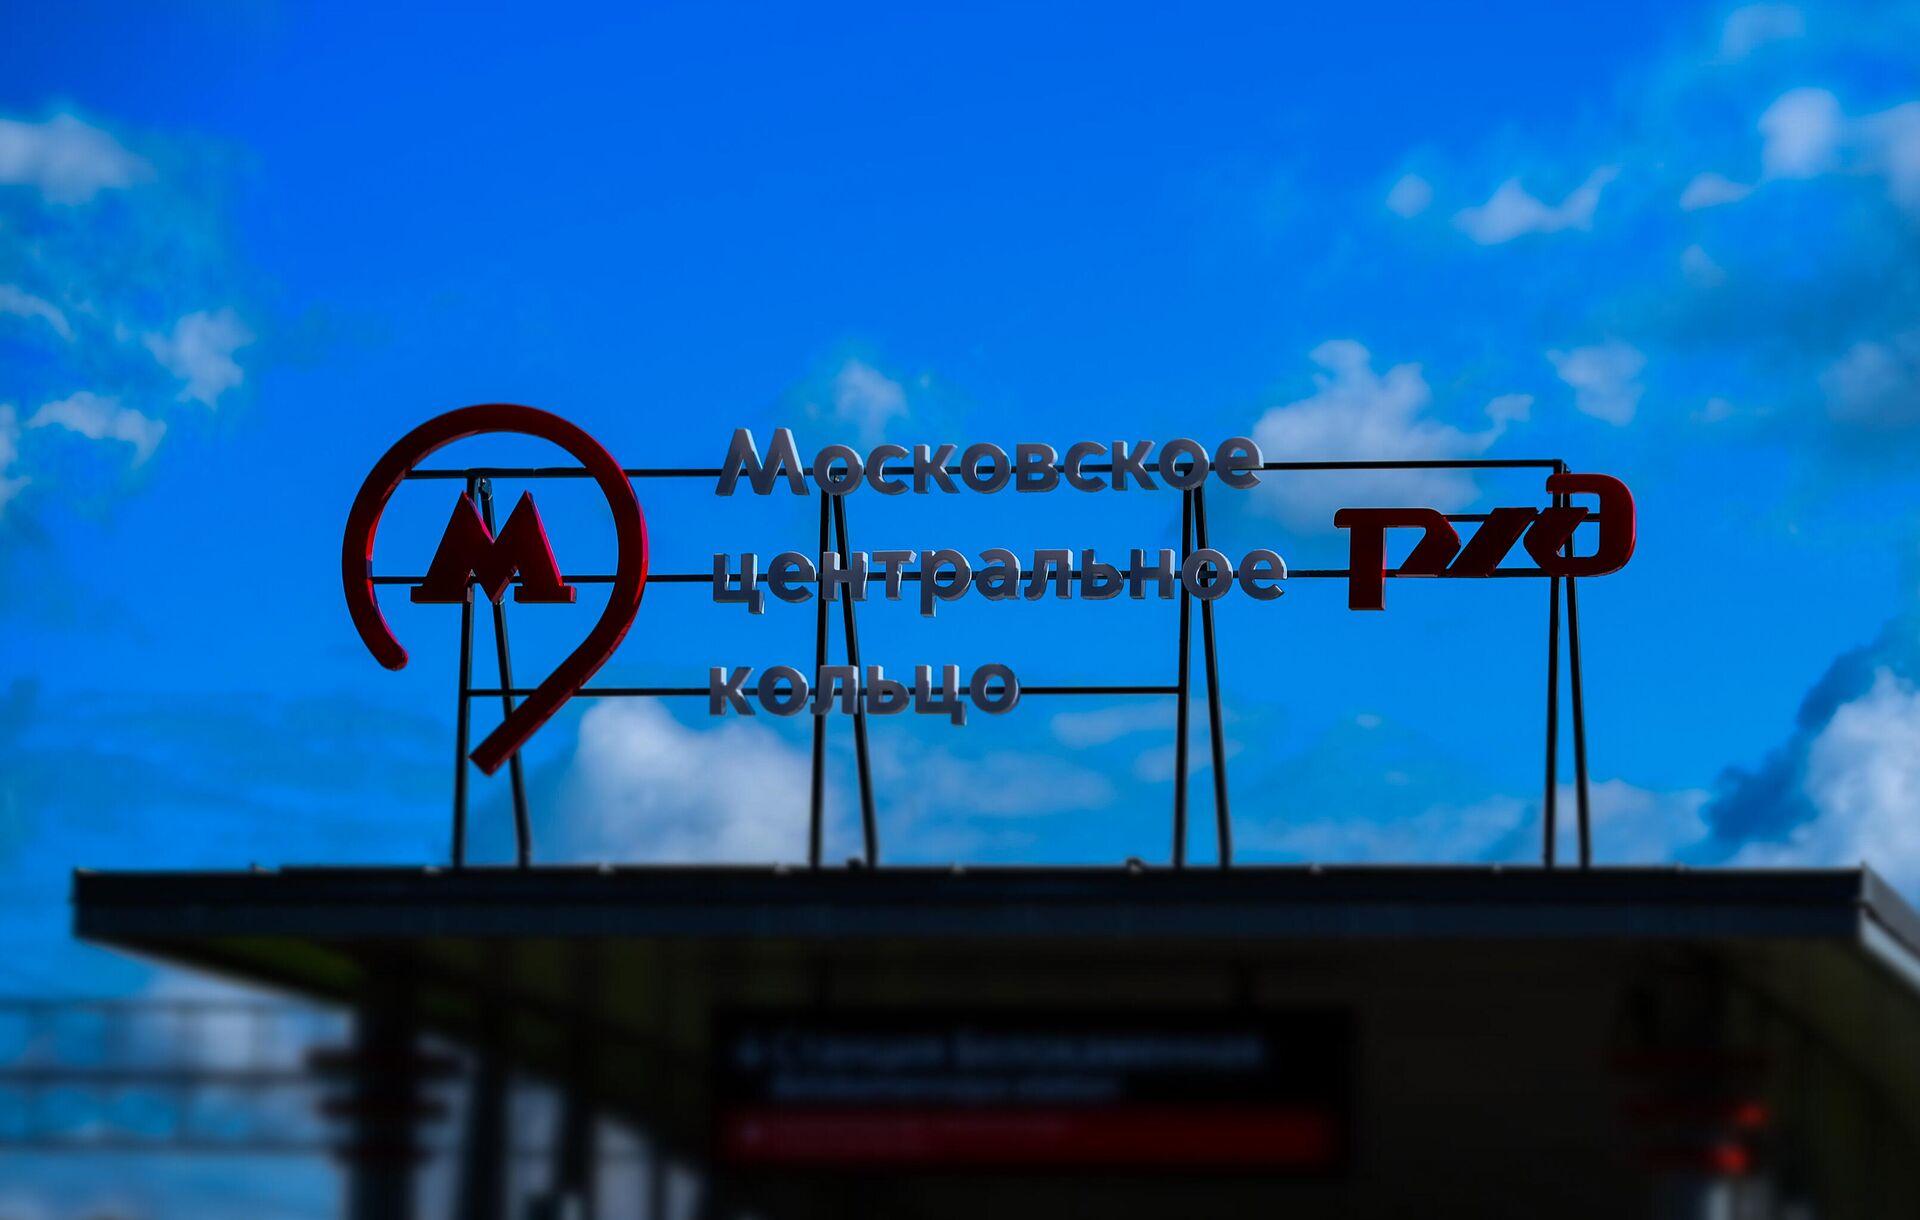 Подготовка к открытию Московсковского центрального кольца - РИА Новости, 1920, 11.11.2020